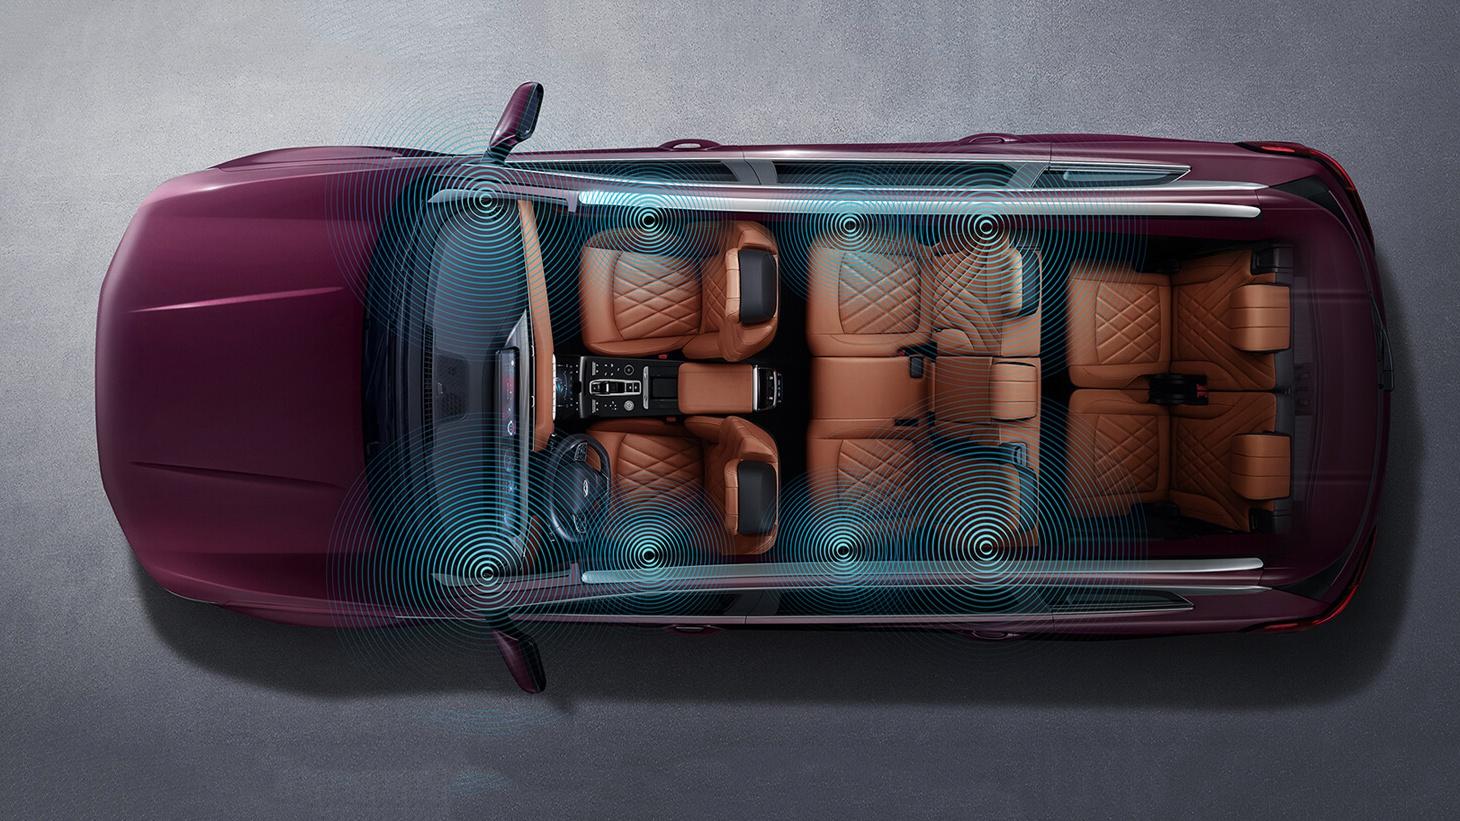 家族新旗舰 智能且有颜 奇瑞瑞虎8 PLUS上市售12.49万元起